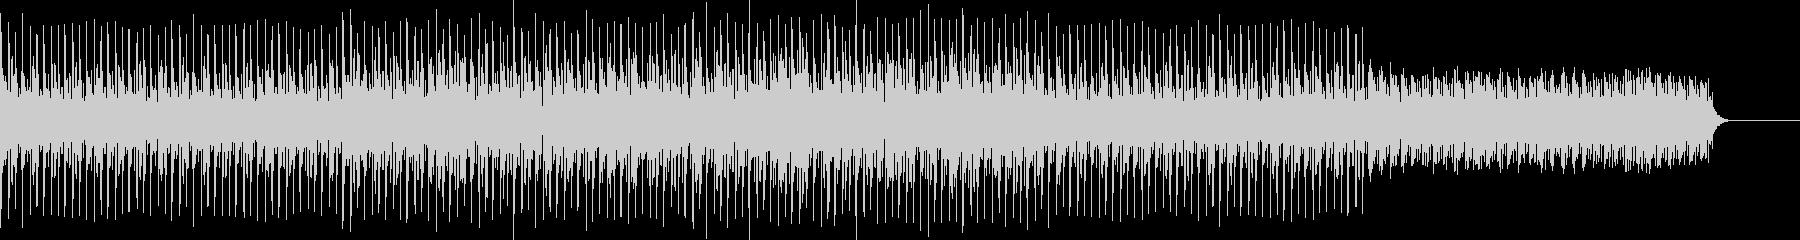 電子音楽感の詰まったテクノポップの未再生の波形